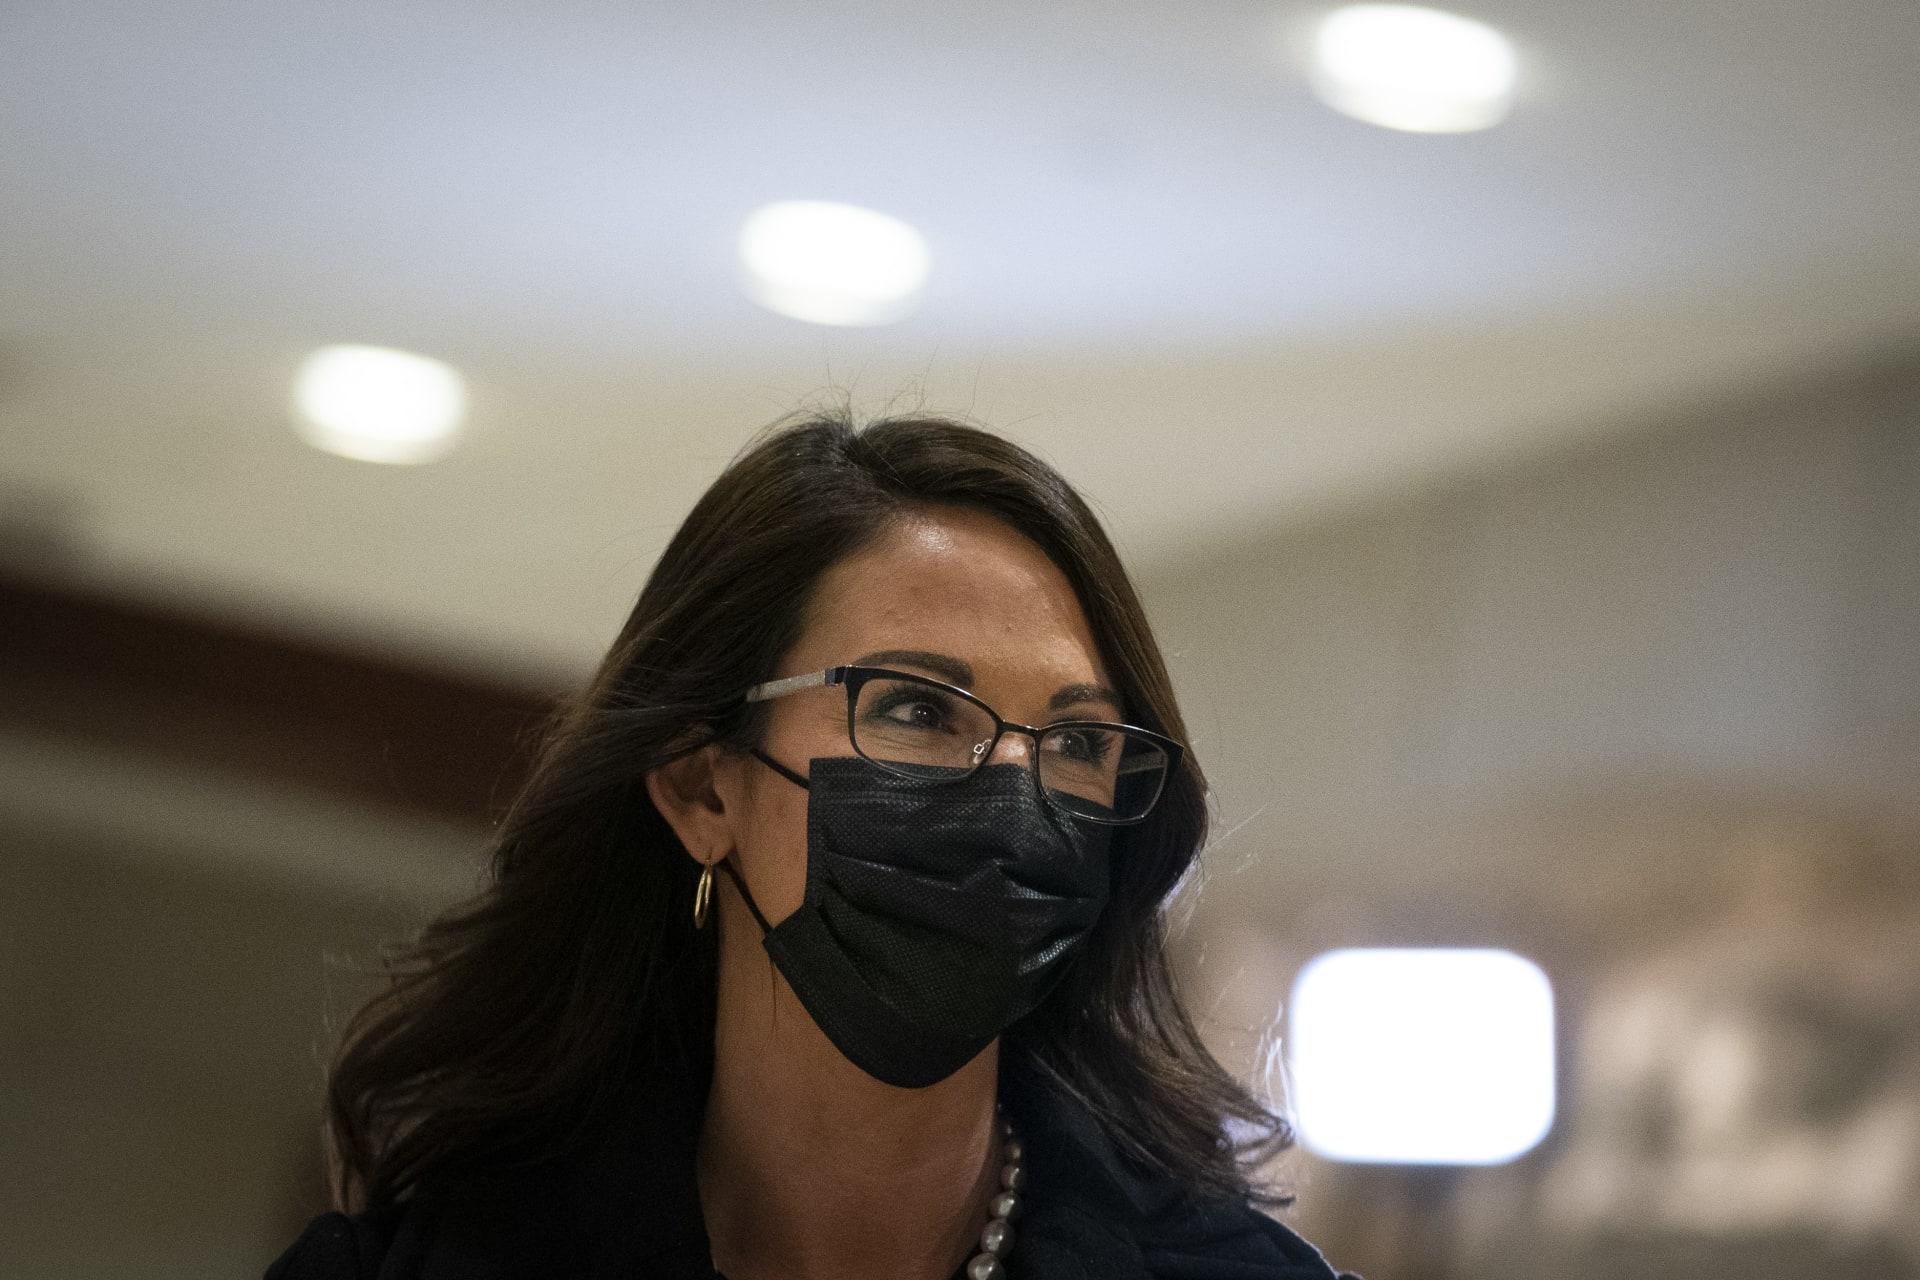 نائب بالحزب الجمهوري تثير جدلا بعد عرضها أسلحة خلال اجتماع لمجلس النواب